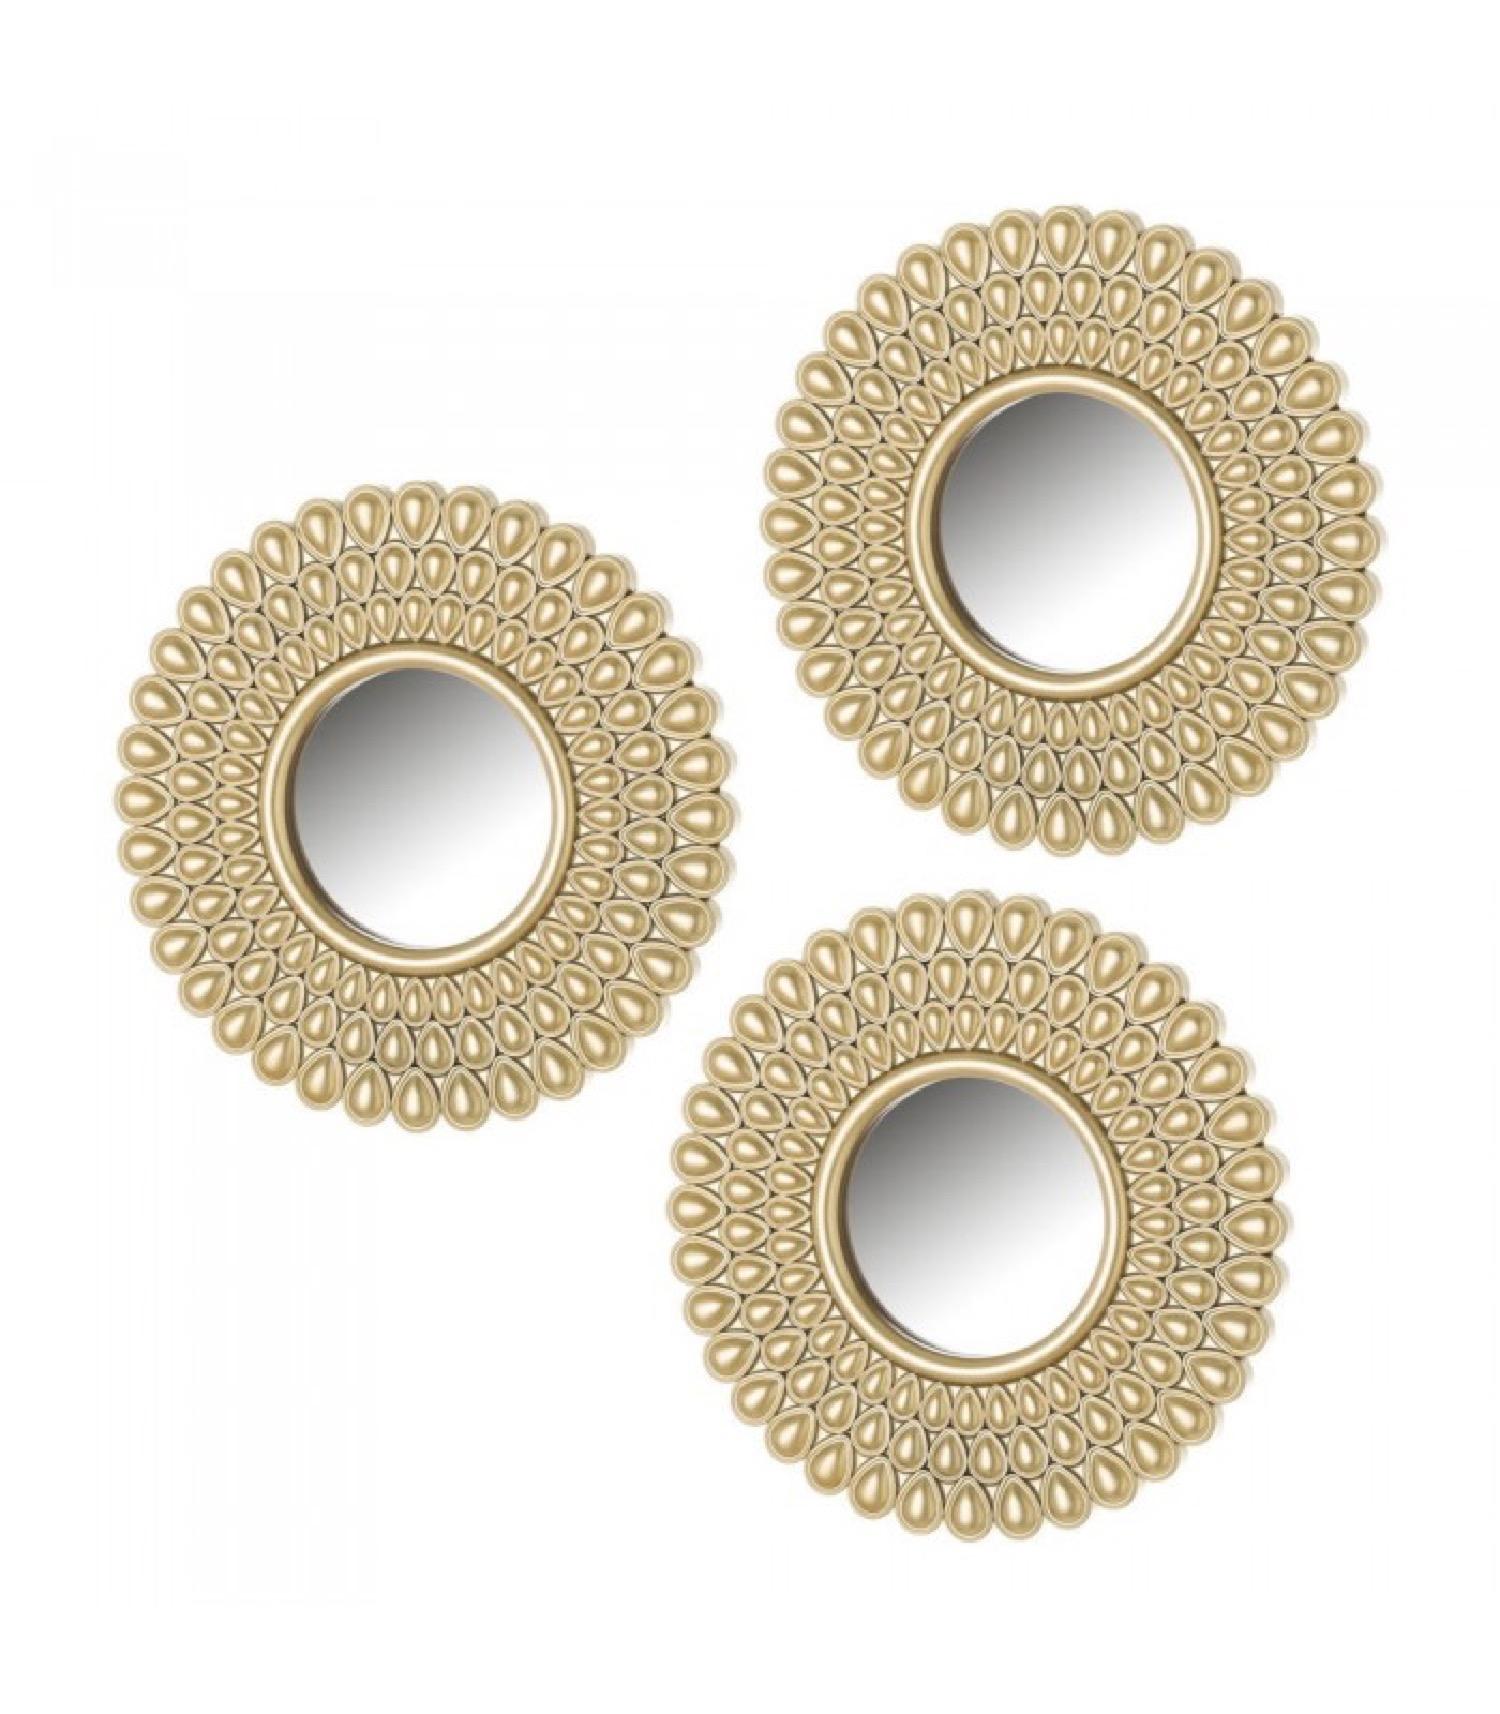 Set de 3 miroirs ronds dorés D10cm